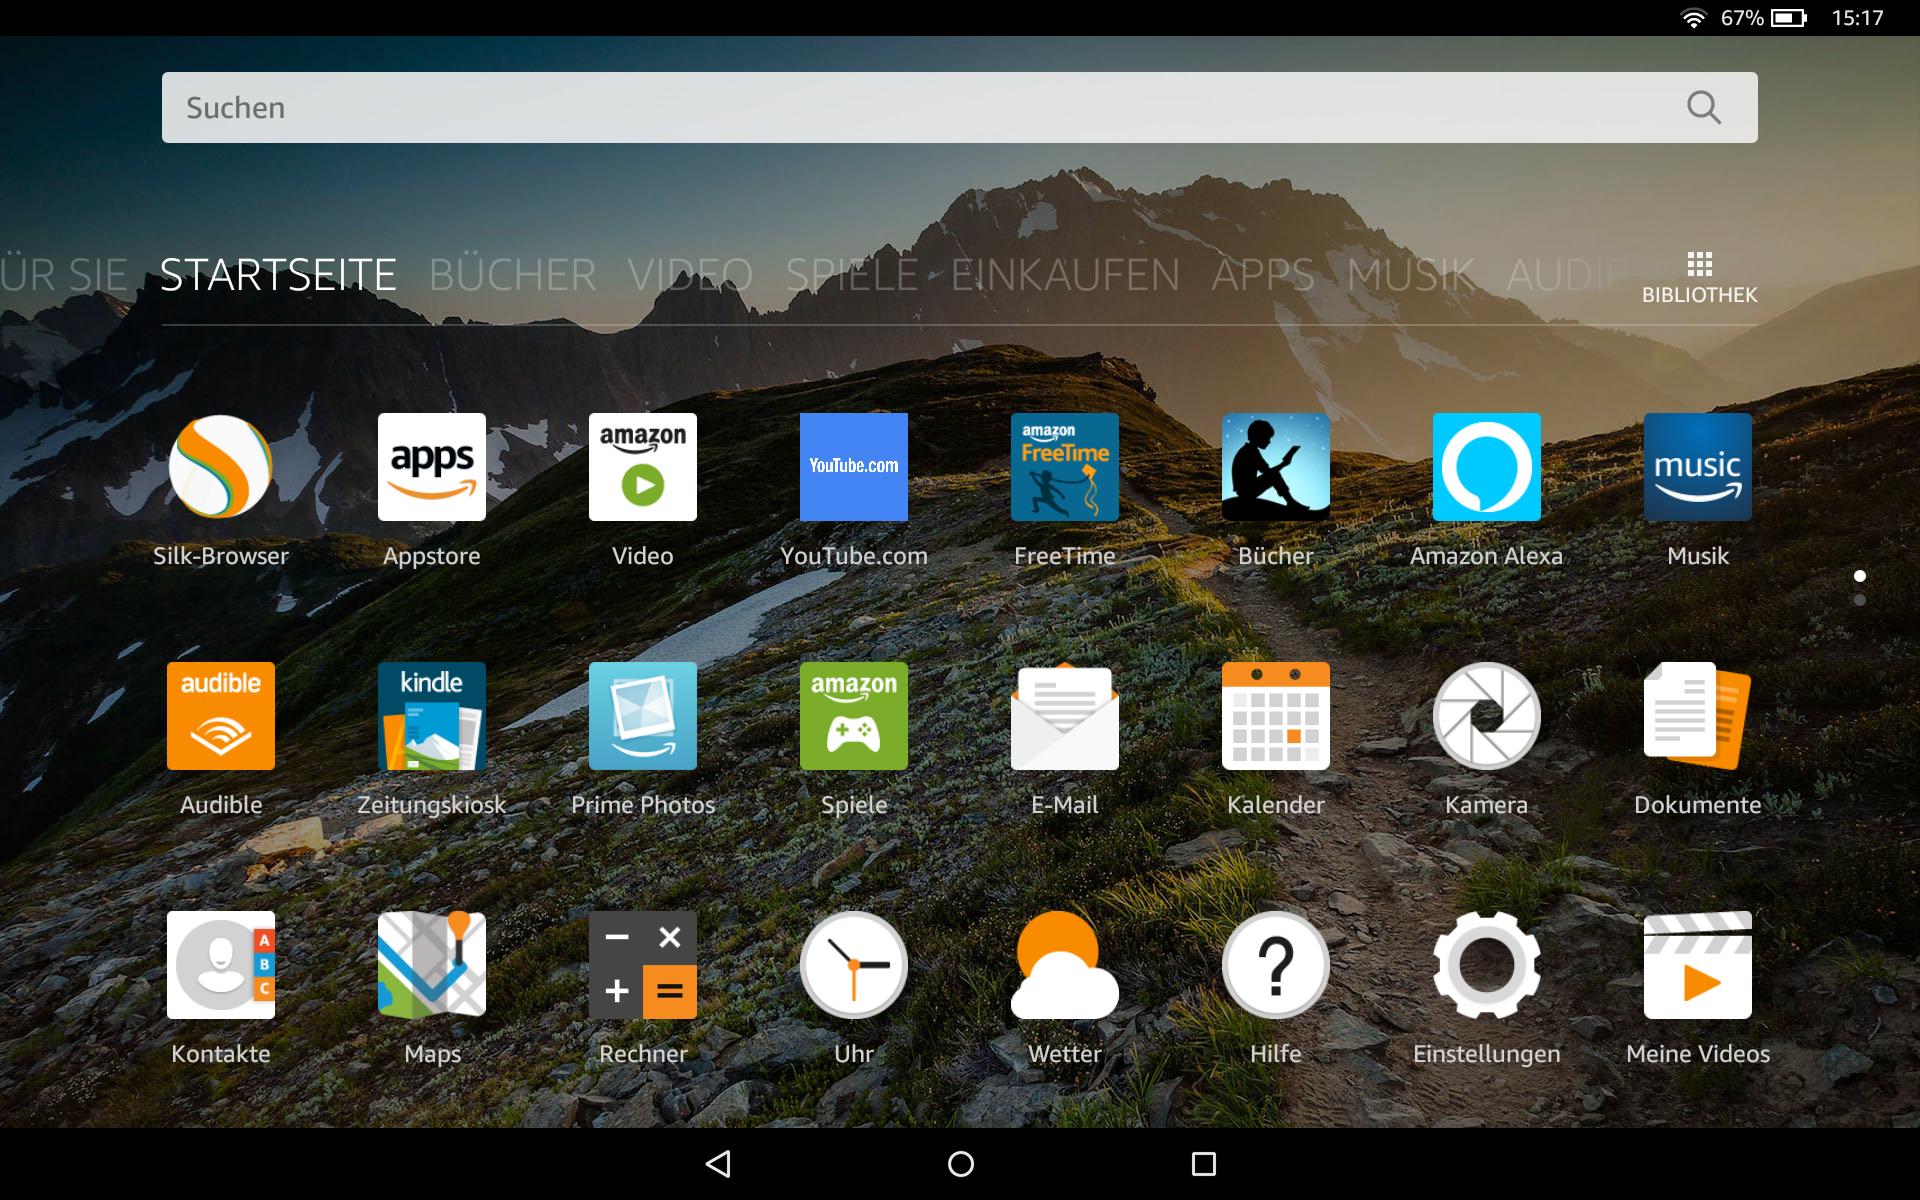 Echo Show vs. Fire HD 10 im Test: Alexa, zeig's mir! - Auf dem Fire HD 10 laufen normale Android-Apps. (Bild: Ingo Pakalski/Golem.de)